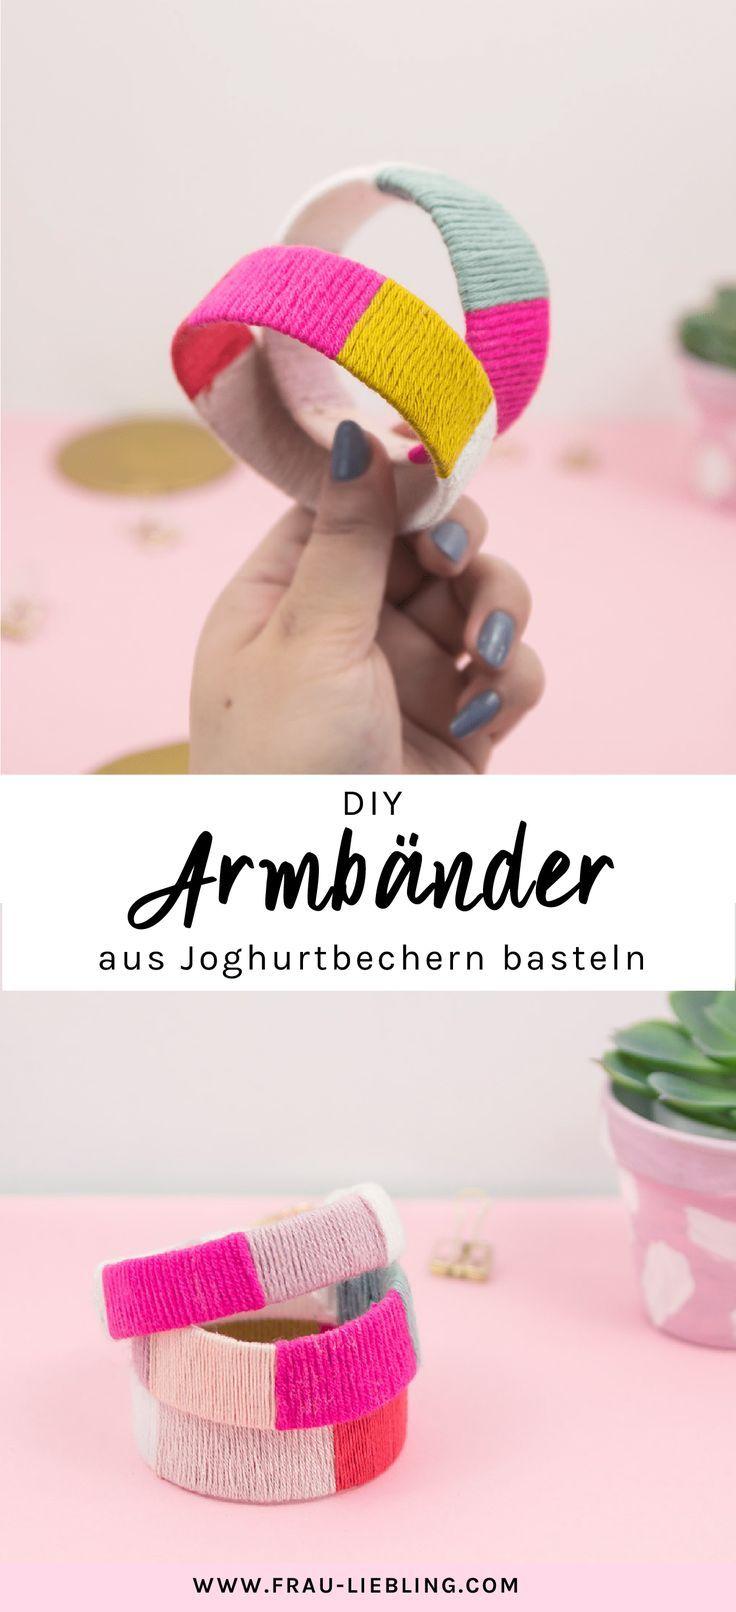 Diy Armbander Aus Joghurtbechern Selber Machen Joghurtbecher Kinder Basteln Einfach Und Diy Schmuckschatulle